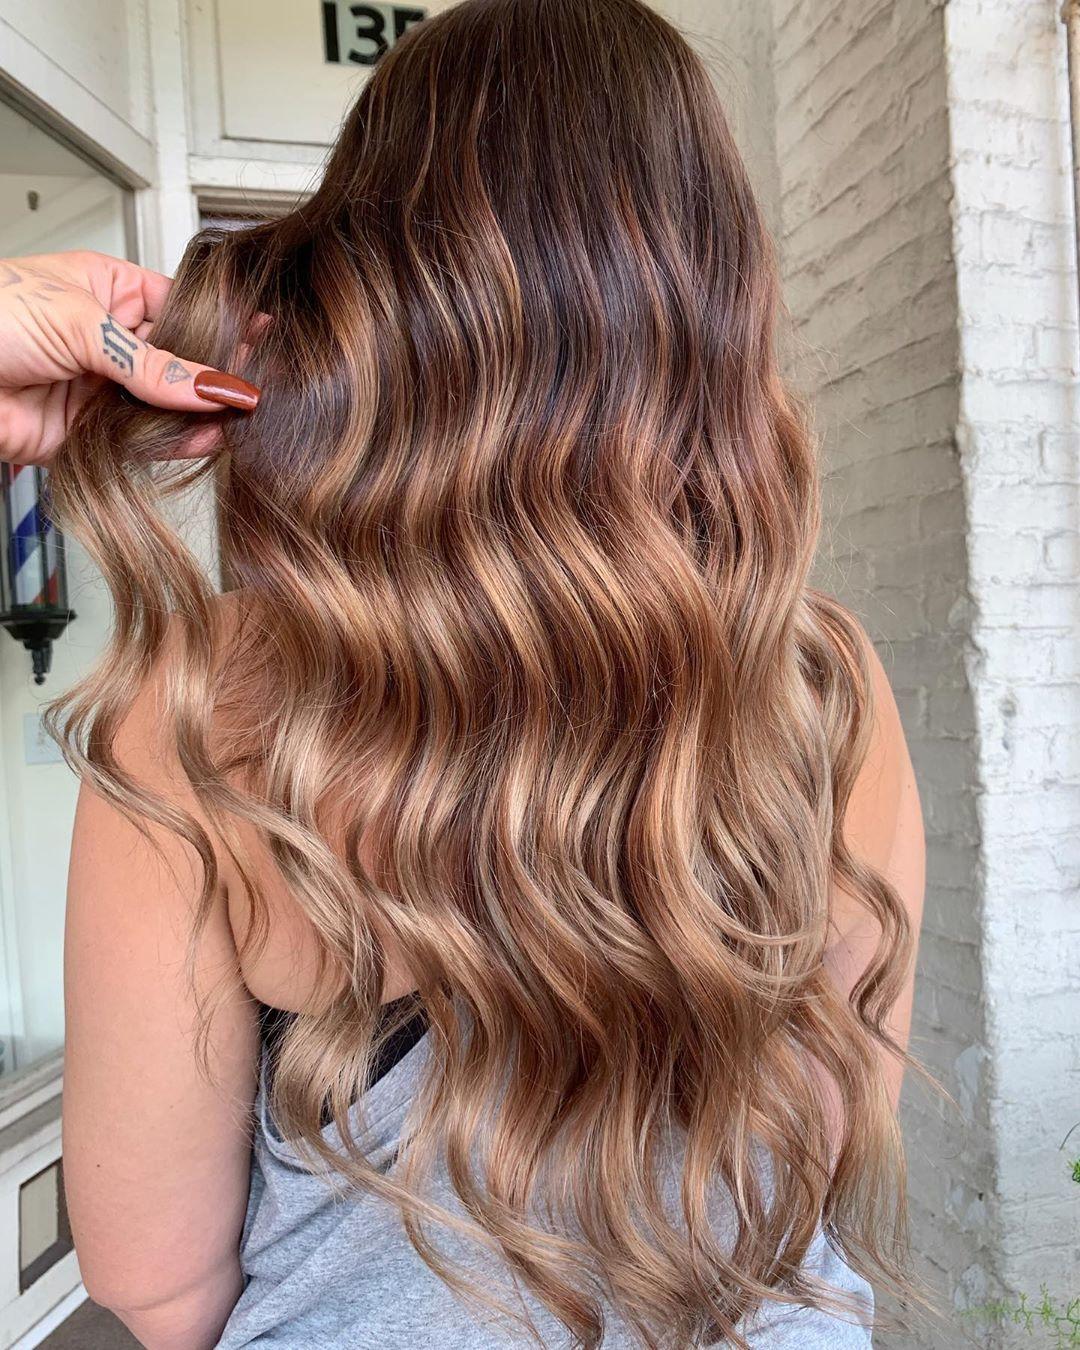 Femme aux longs cheveux châtains dorés